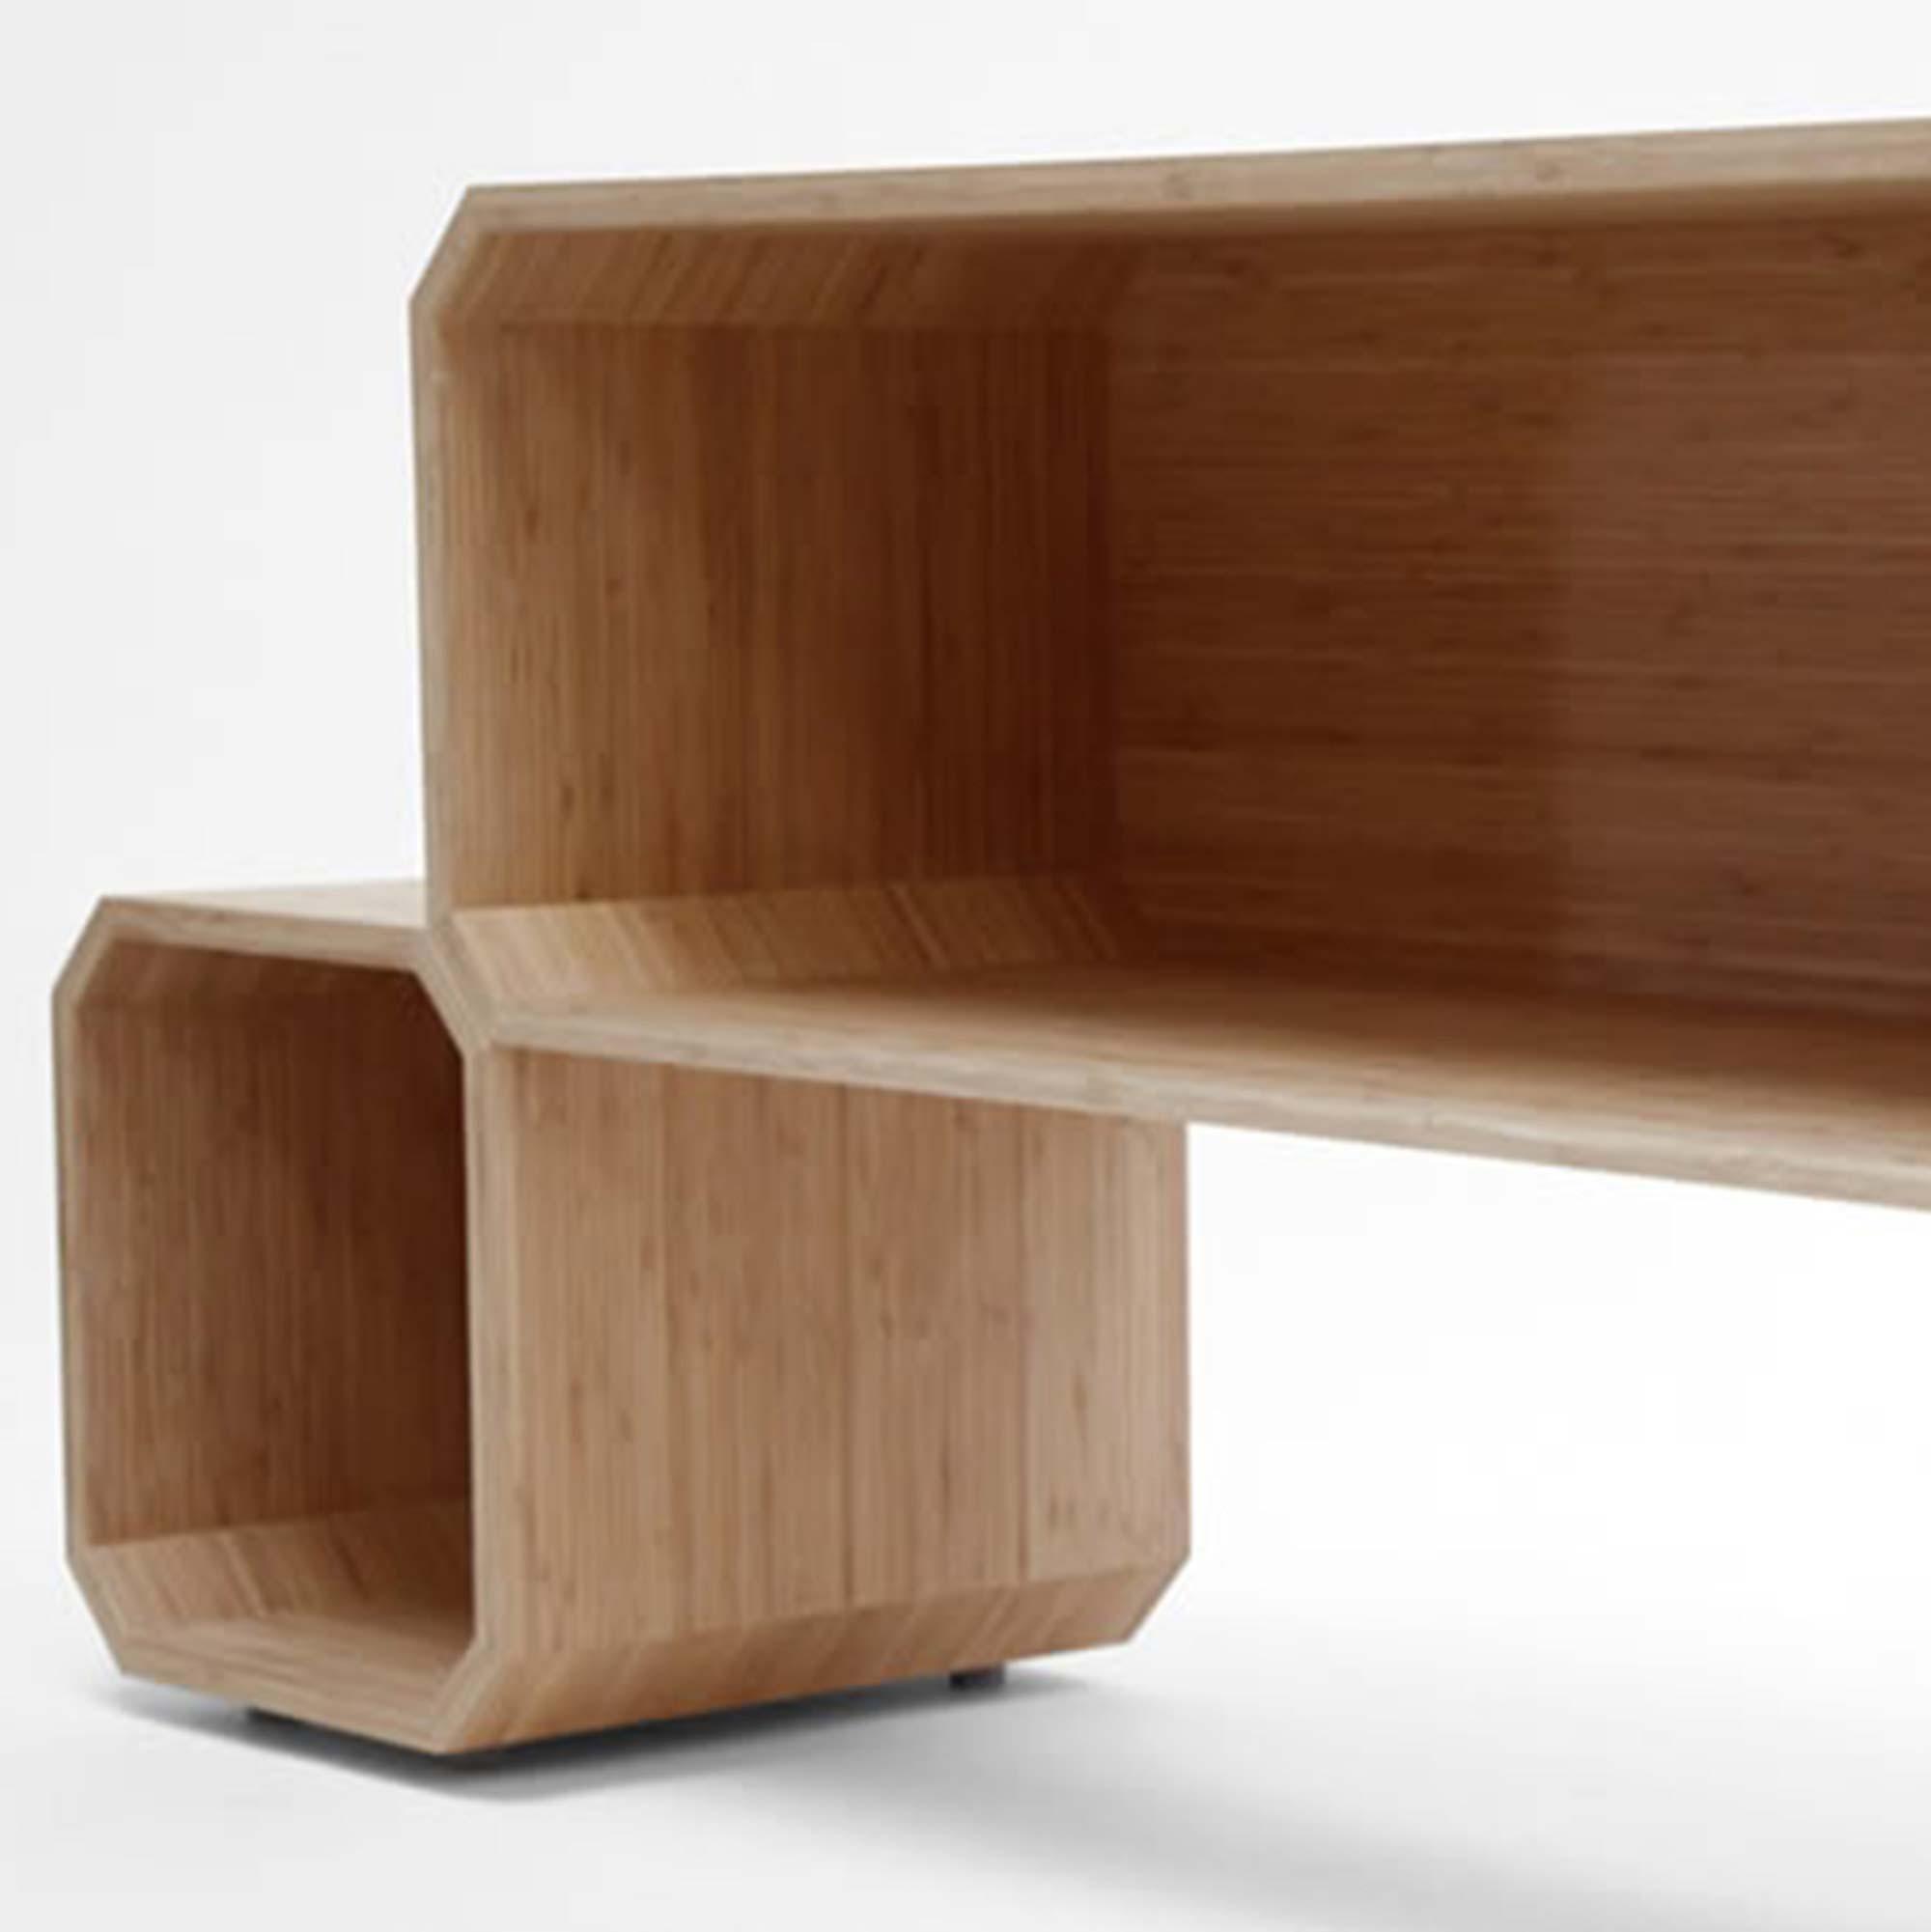 cupboard coverings fun modular in furniture flan cellular tangello diamond seating oi doublediamond double